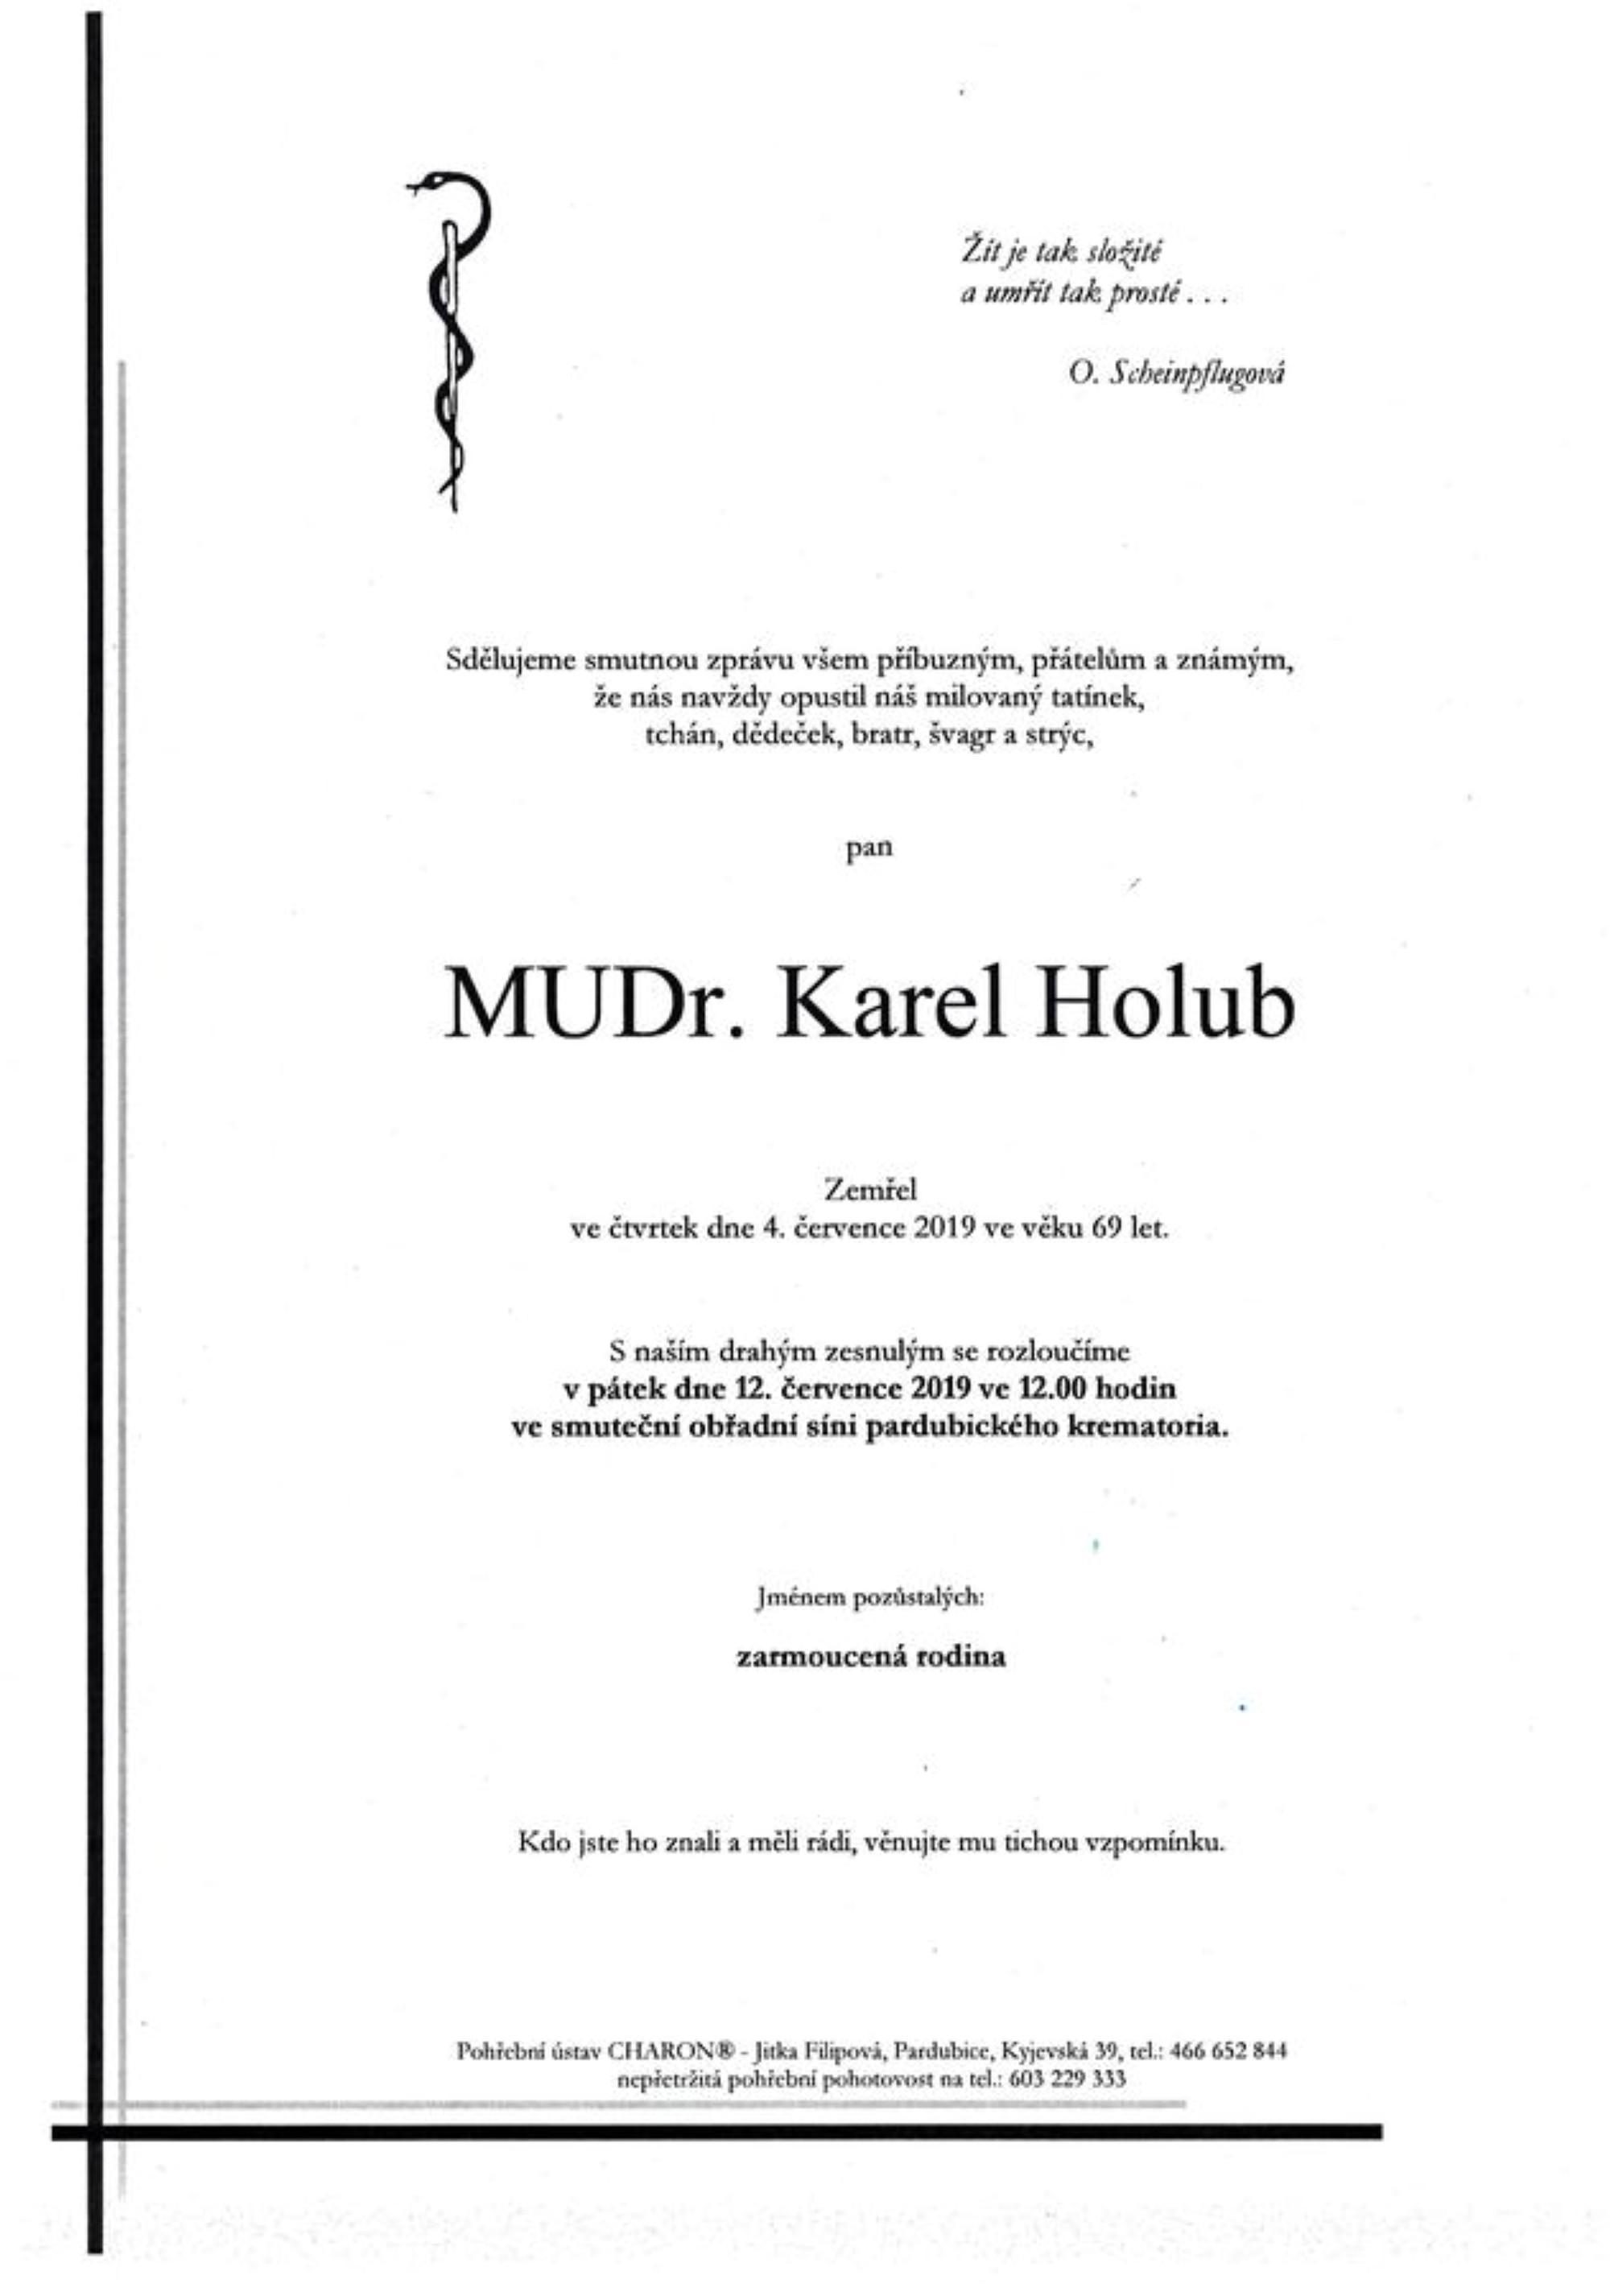 MUDr. Karel Holub